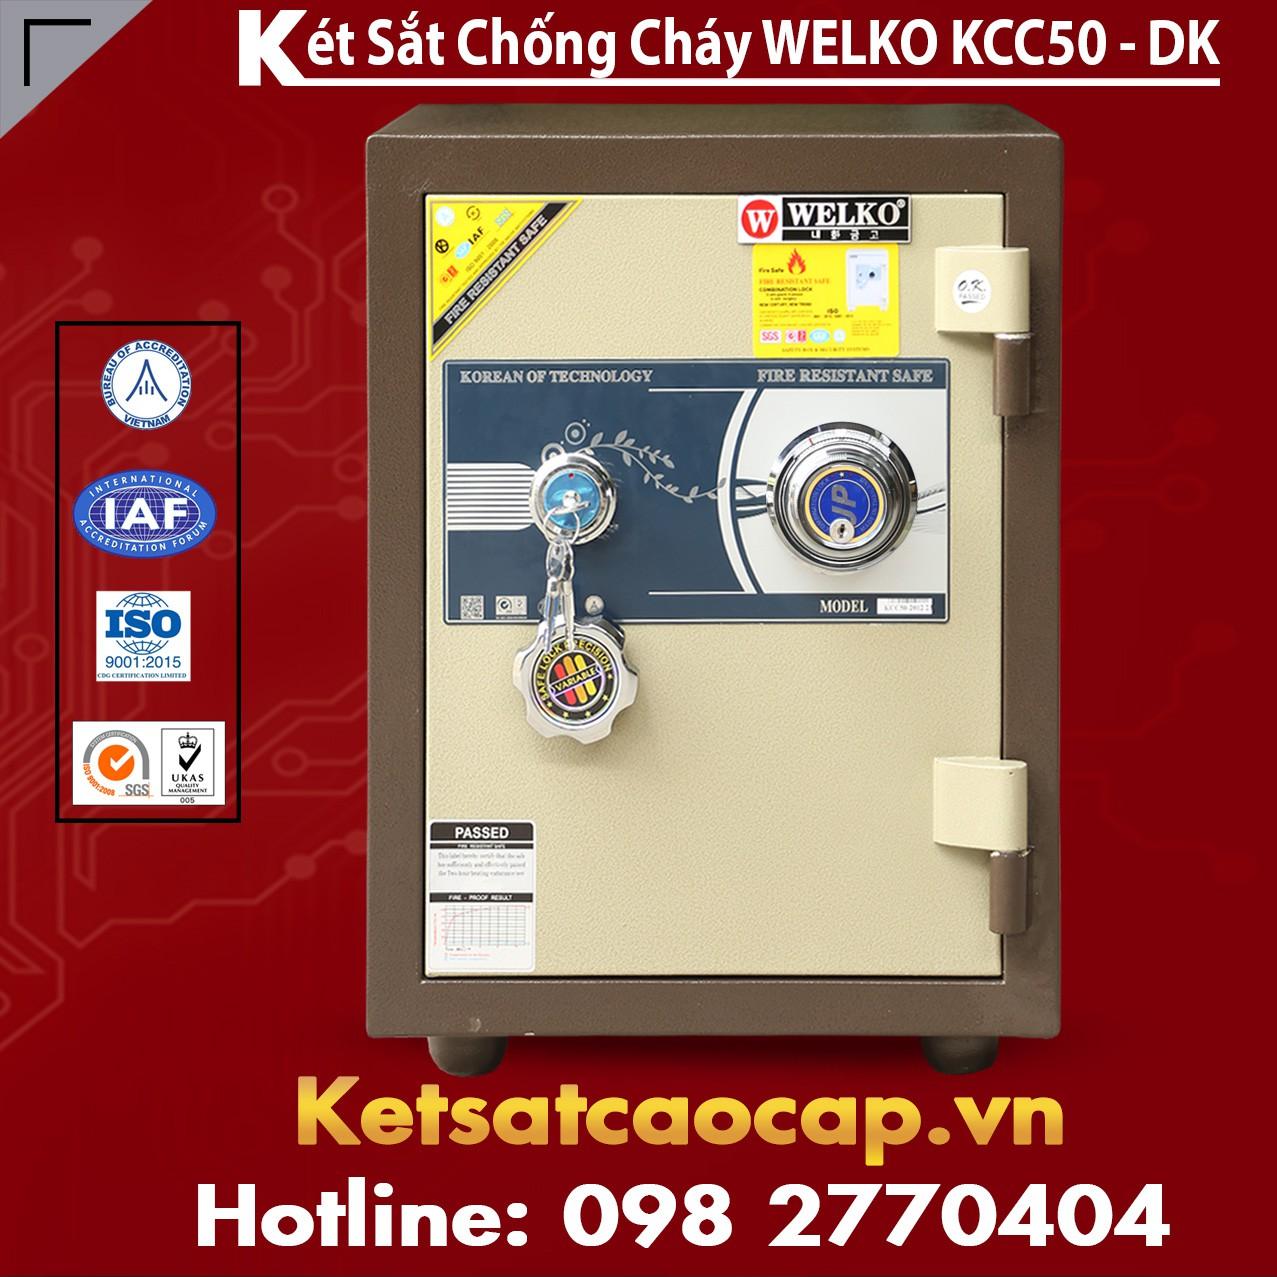 Két Sắt Nhập Khẩu KCC50 DK - Brown